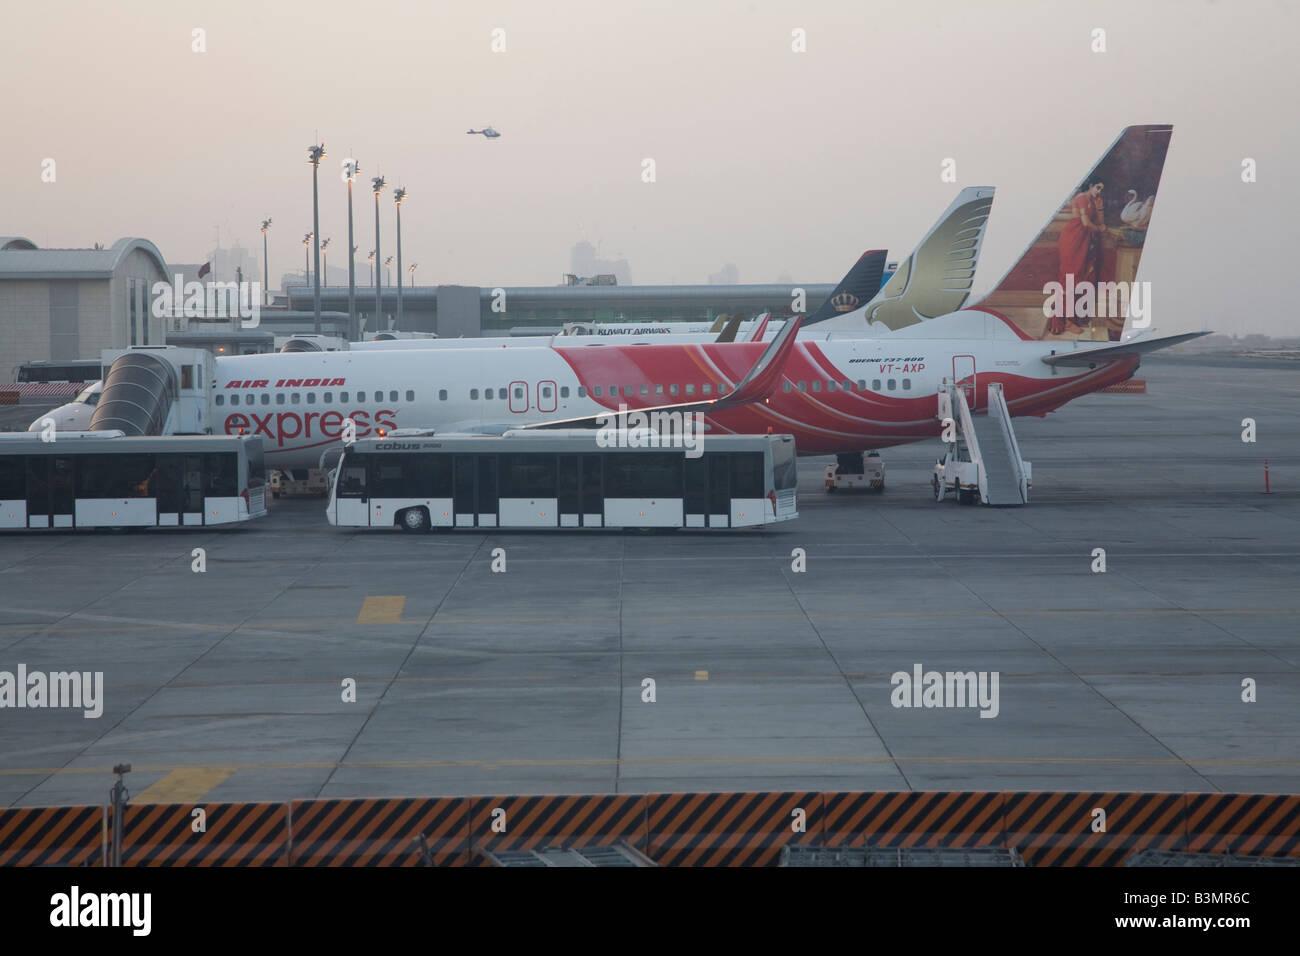 Planos de Gulf Air en el aeropuerto de Doha Qatar Oriente Medio Foto de stock